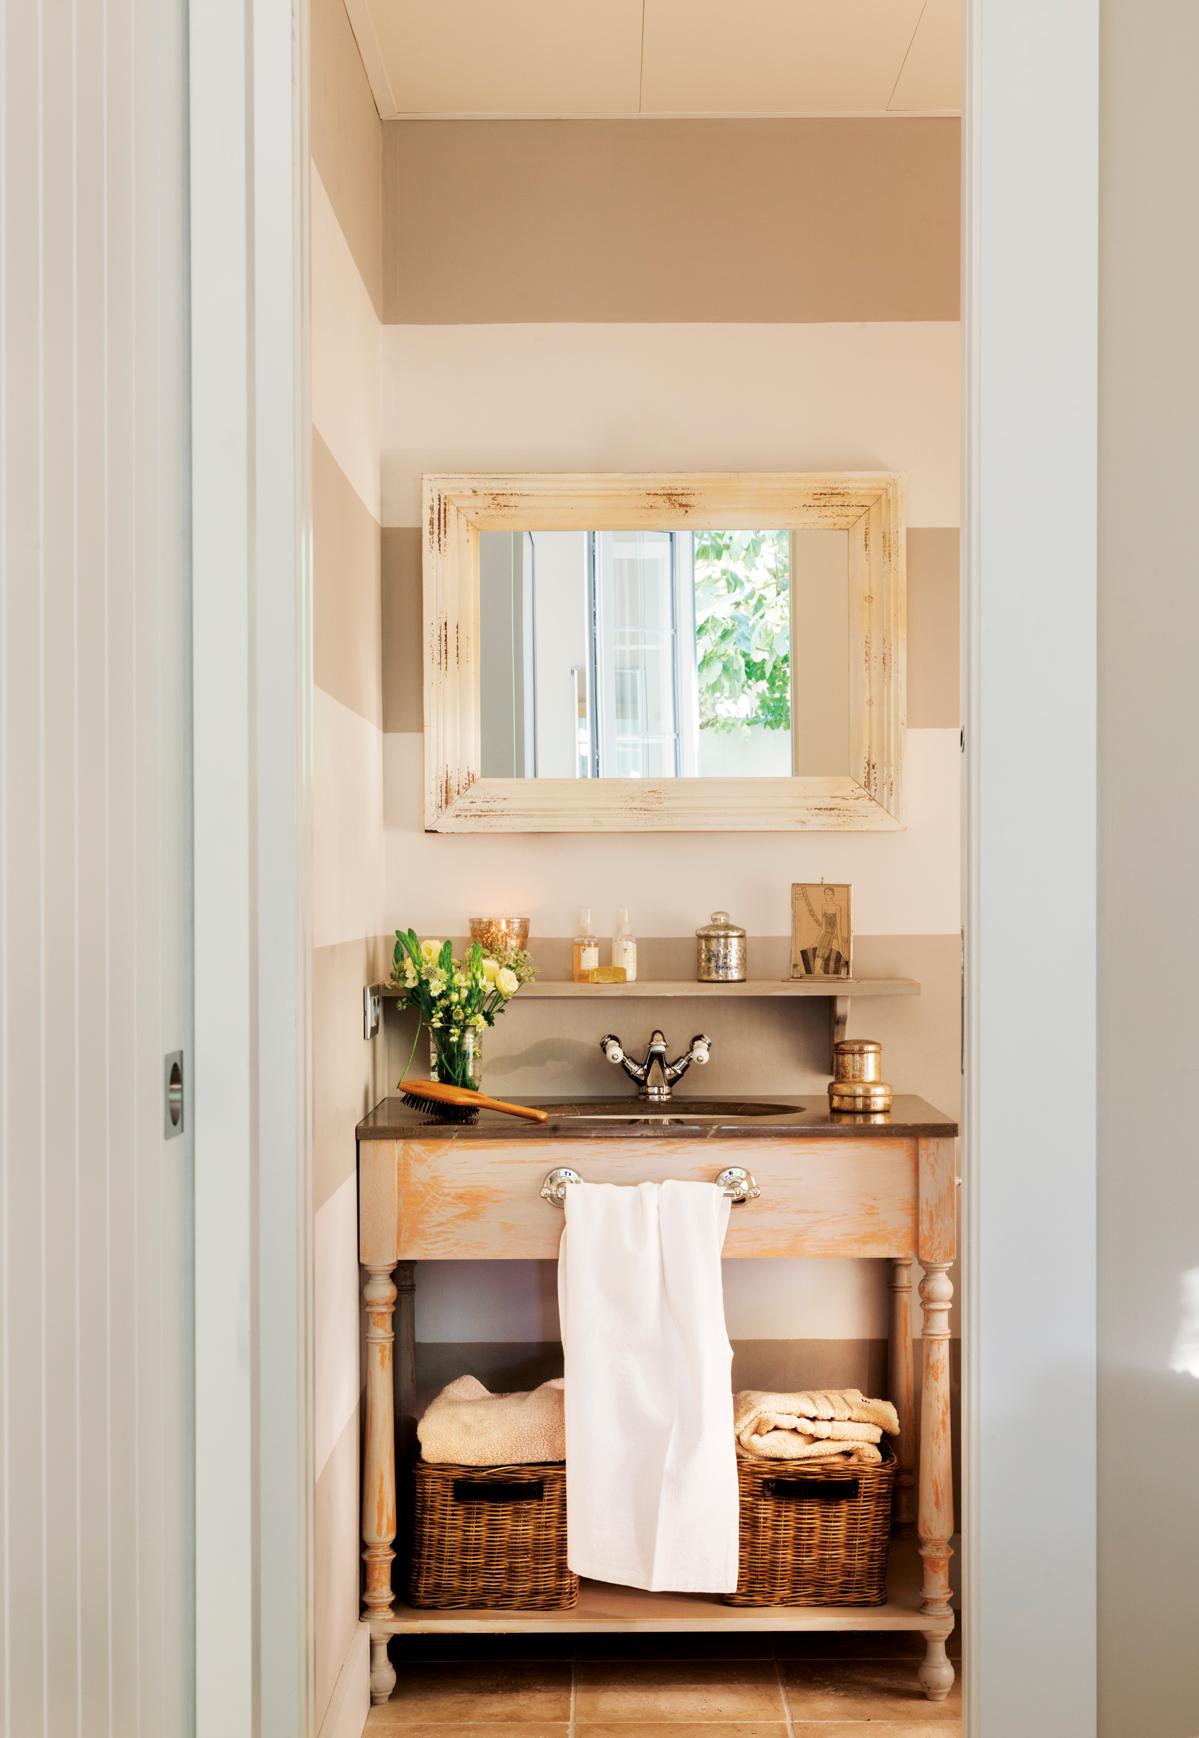 10 ideas geniales para ba os peque os - Muebles para bano en madera ...